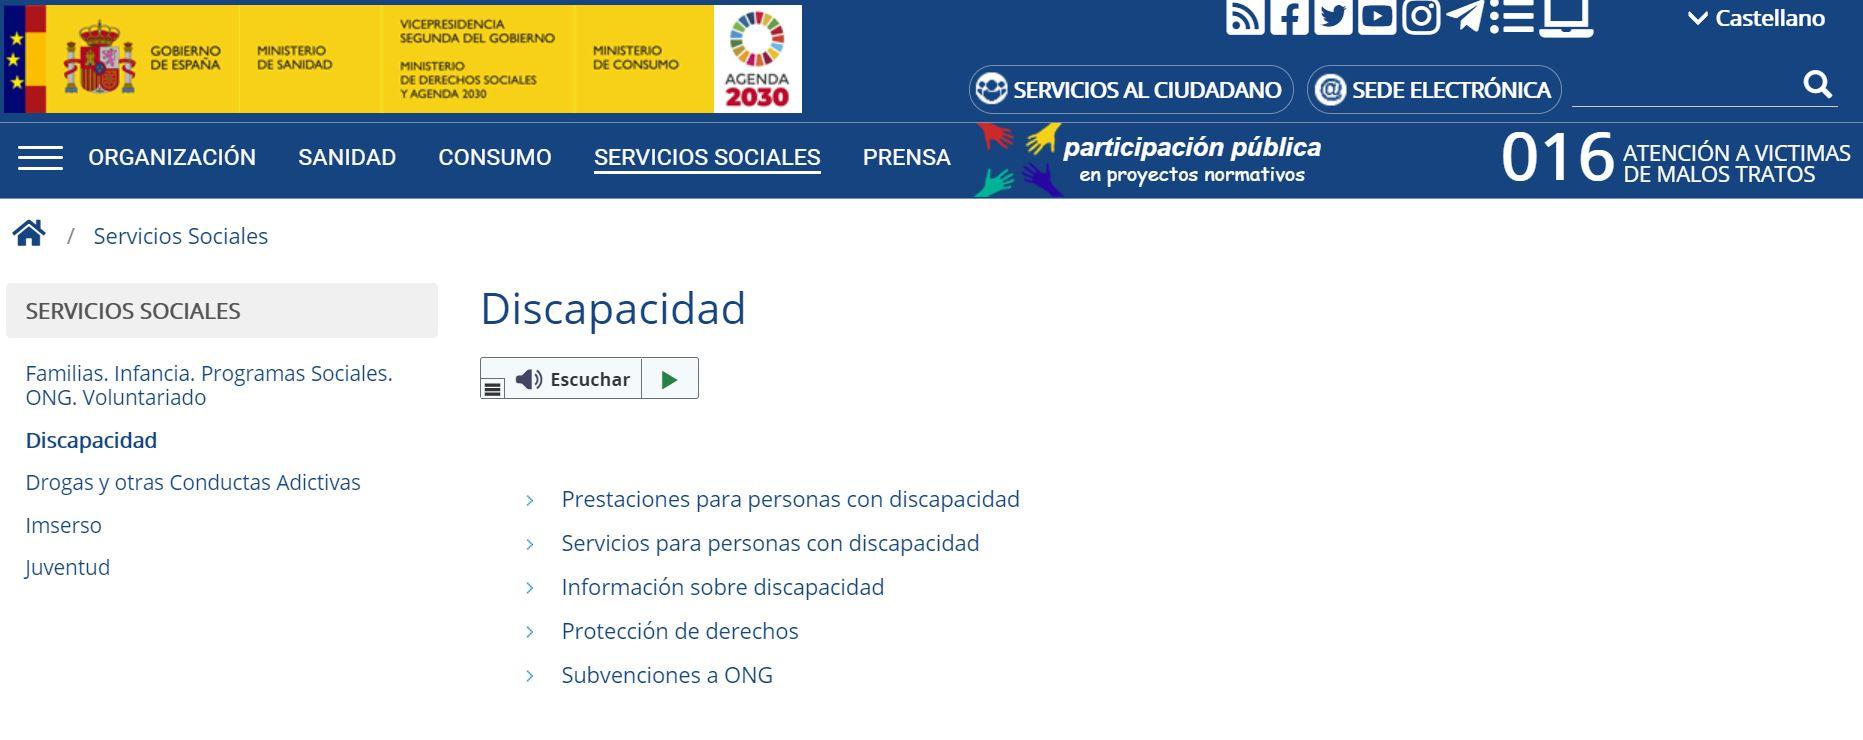 Los sitios web del sector público deben ser accesibles en la UE